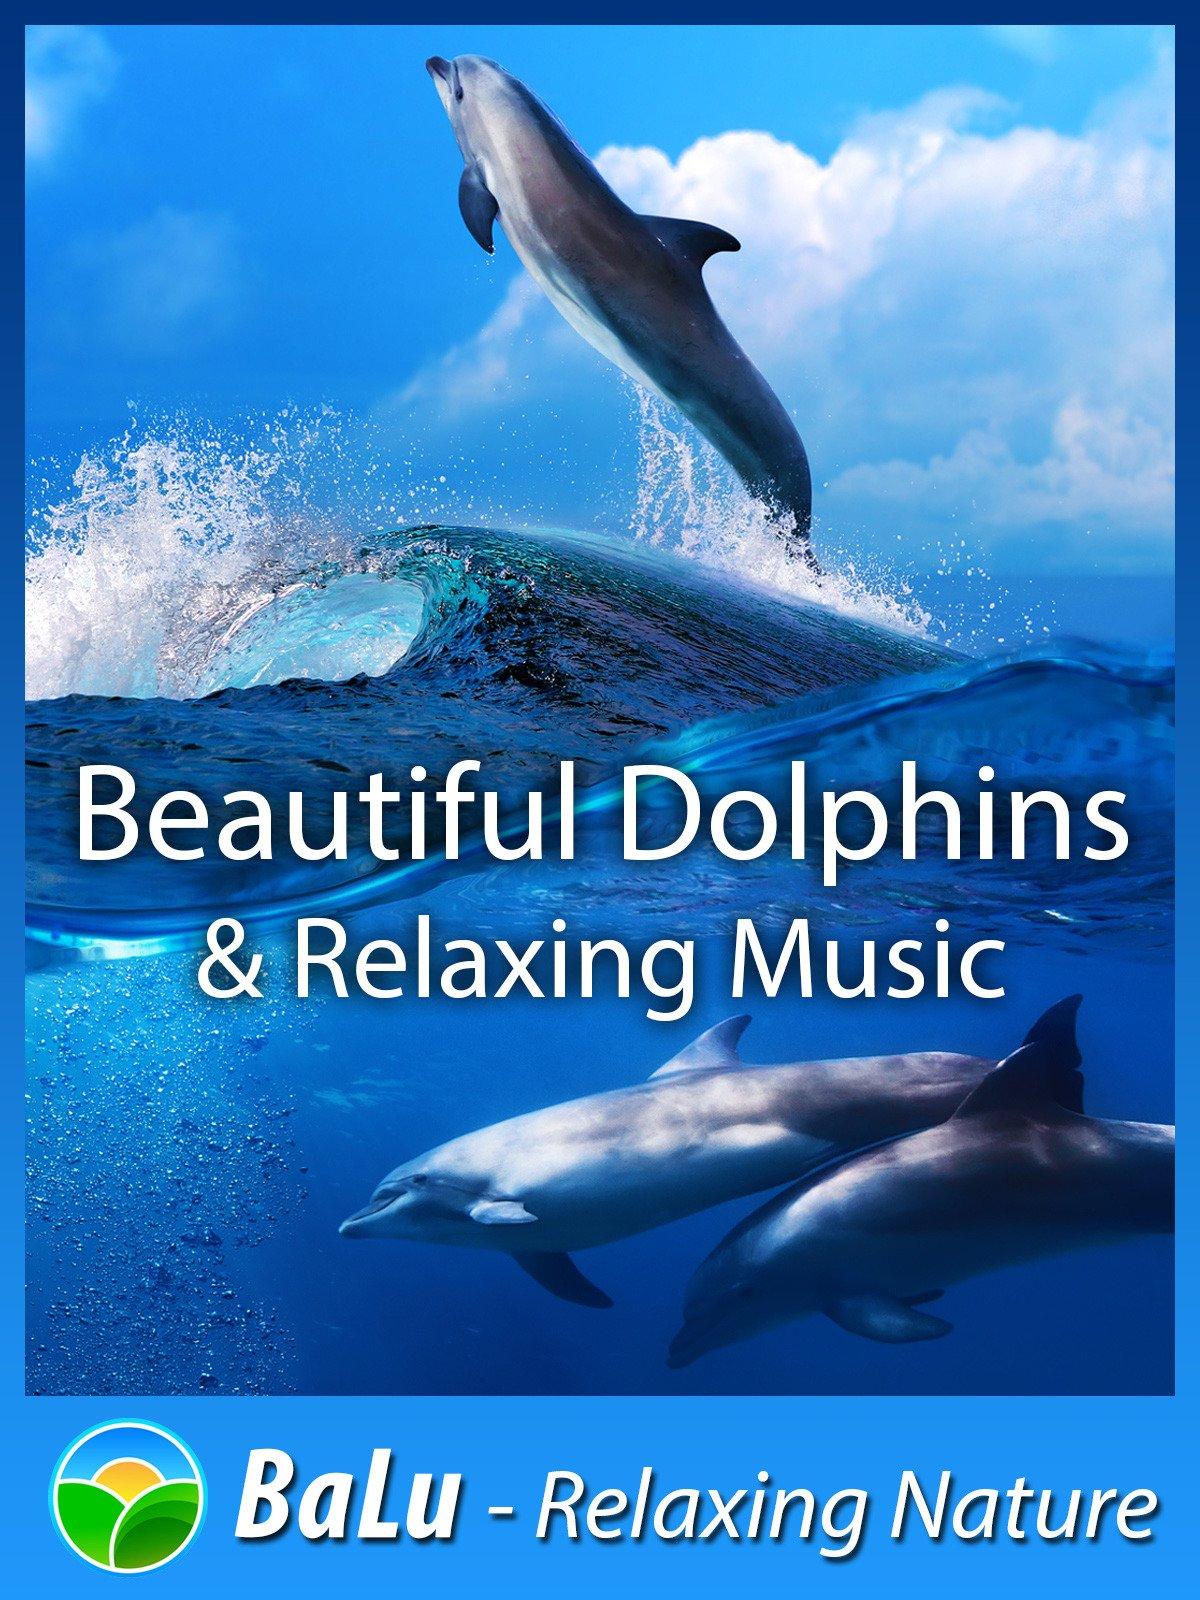 Amazon com: Beautiful Dolphins & Relaxing Music - BaLu